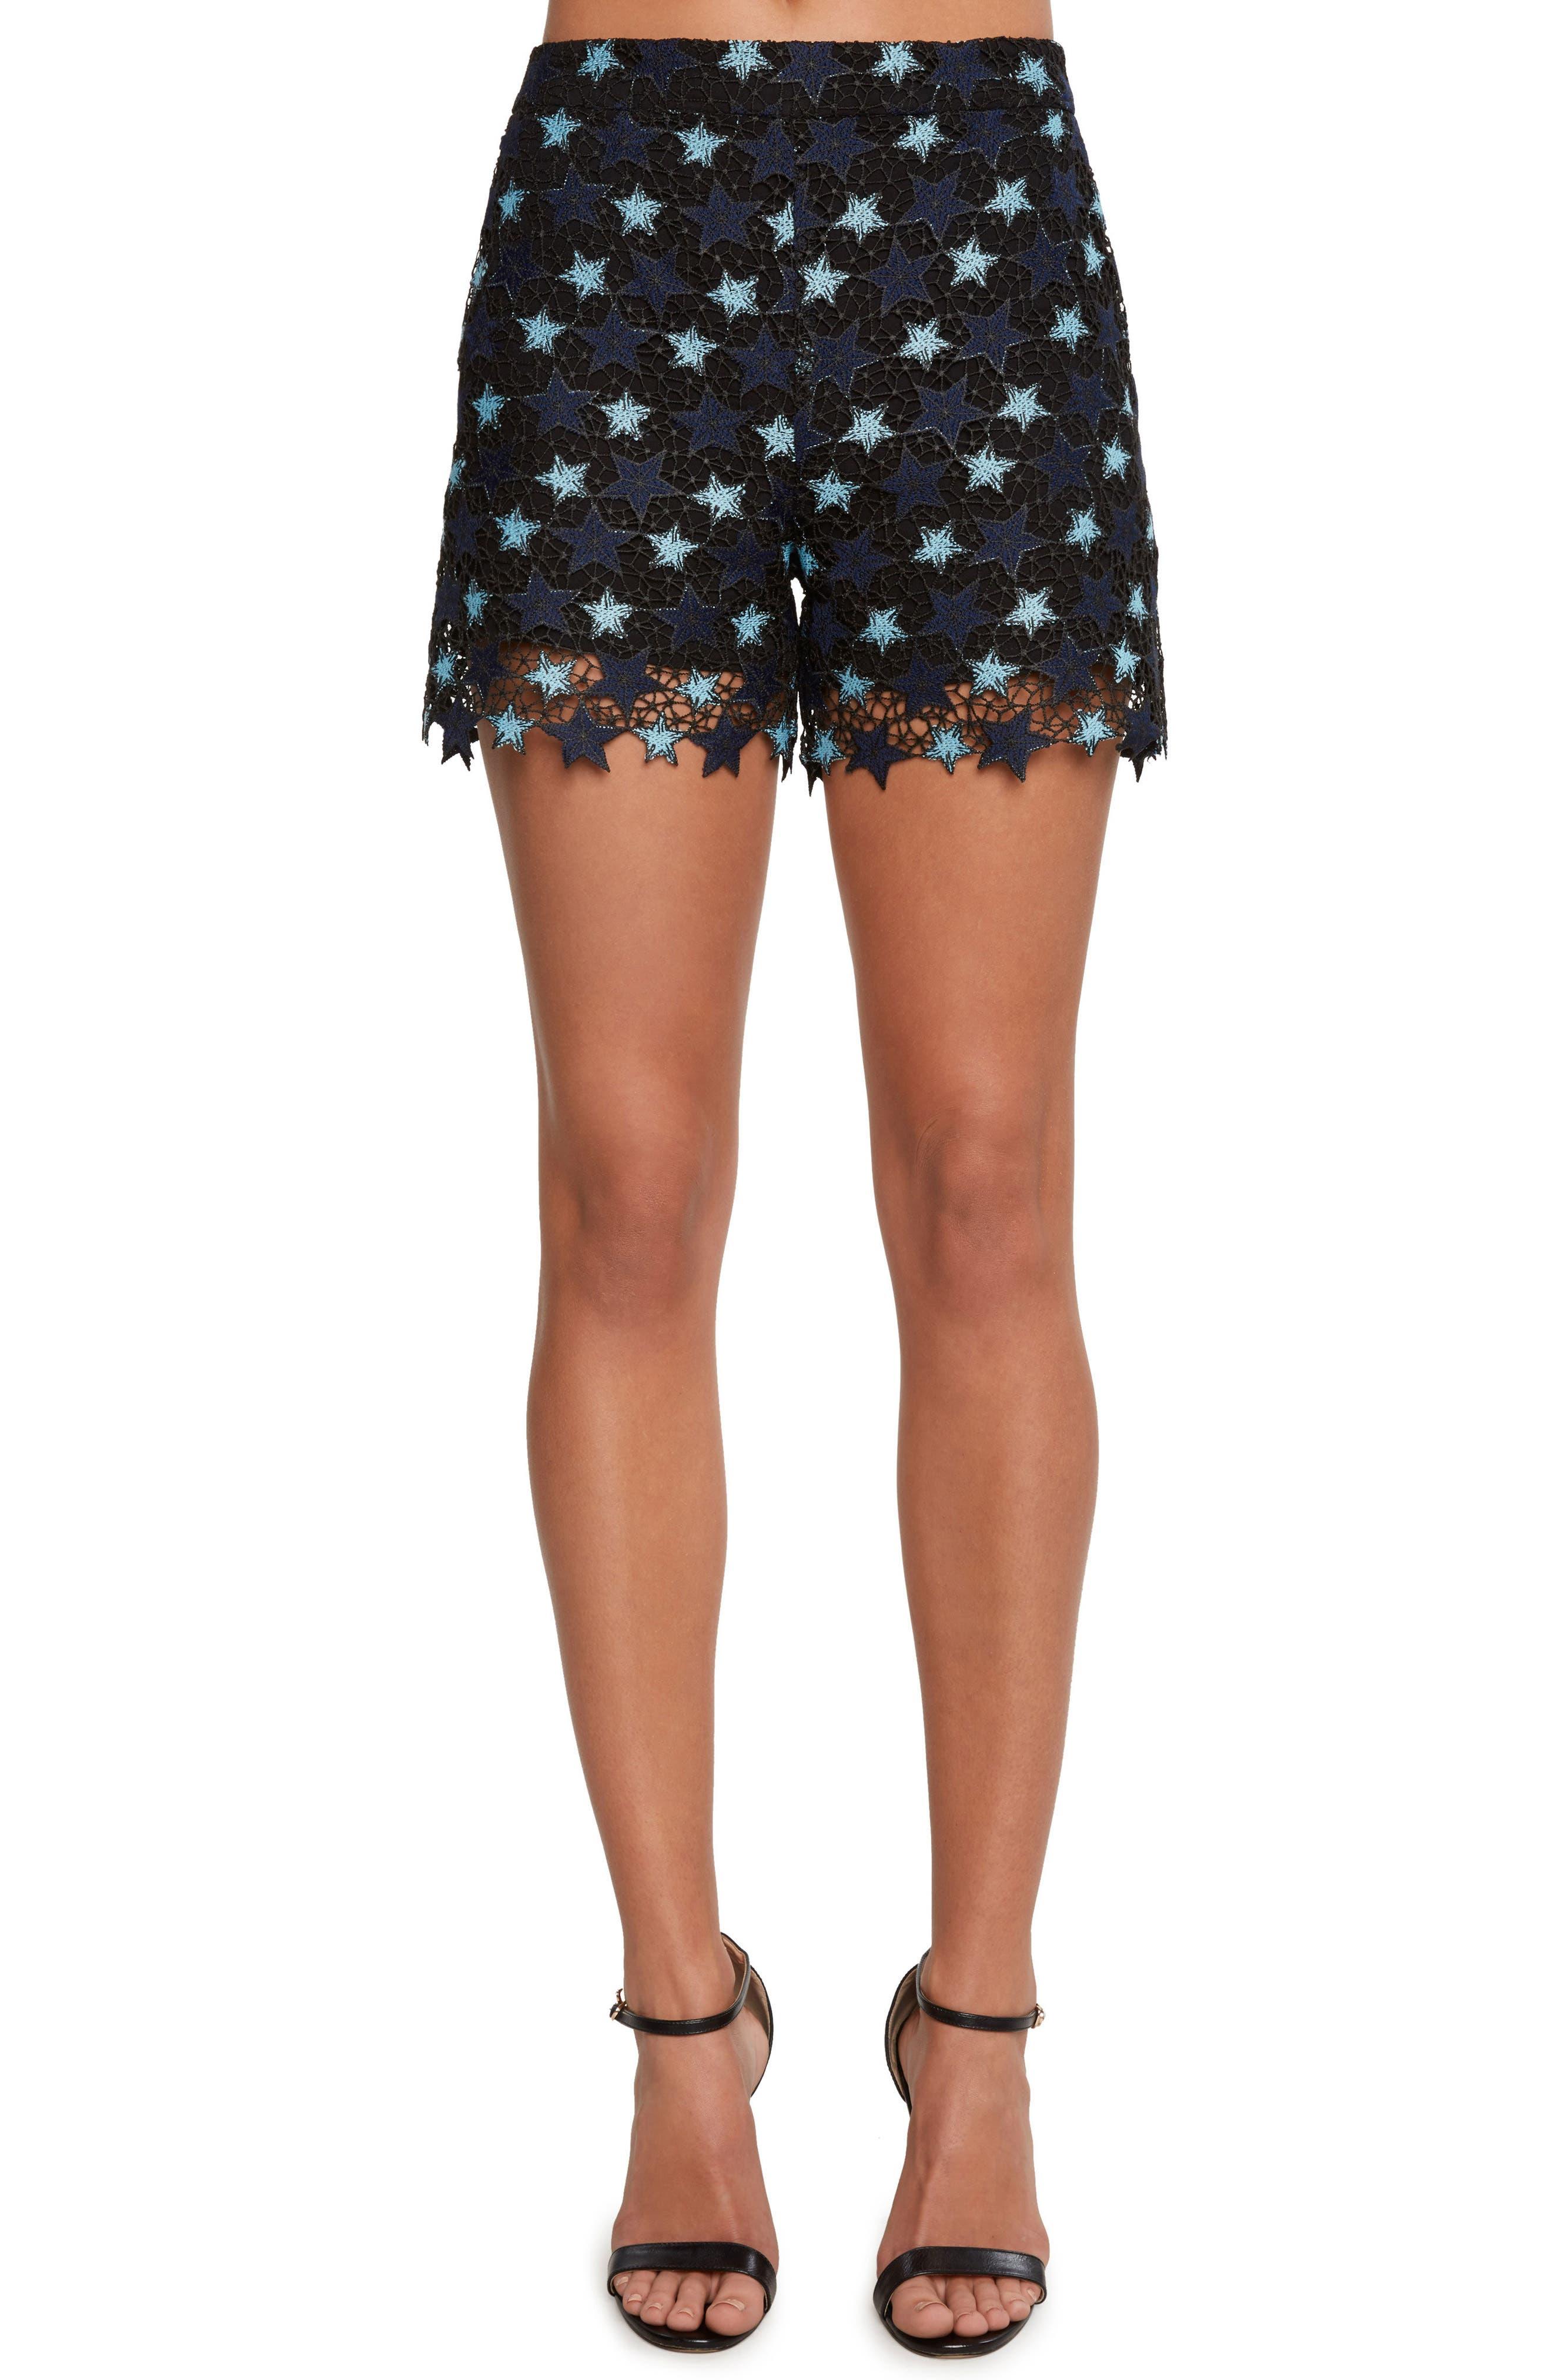 Star Lace Shorts,                             Main thumbnail 1, color,                             Navy